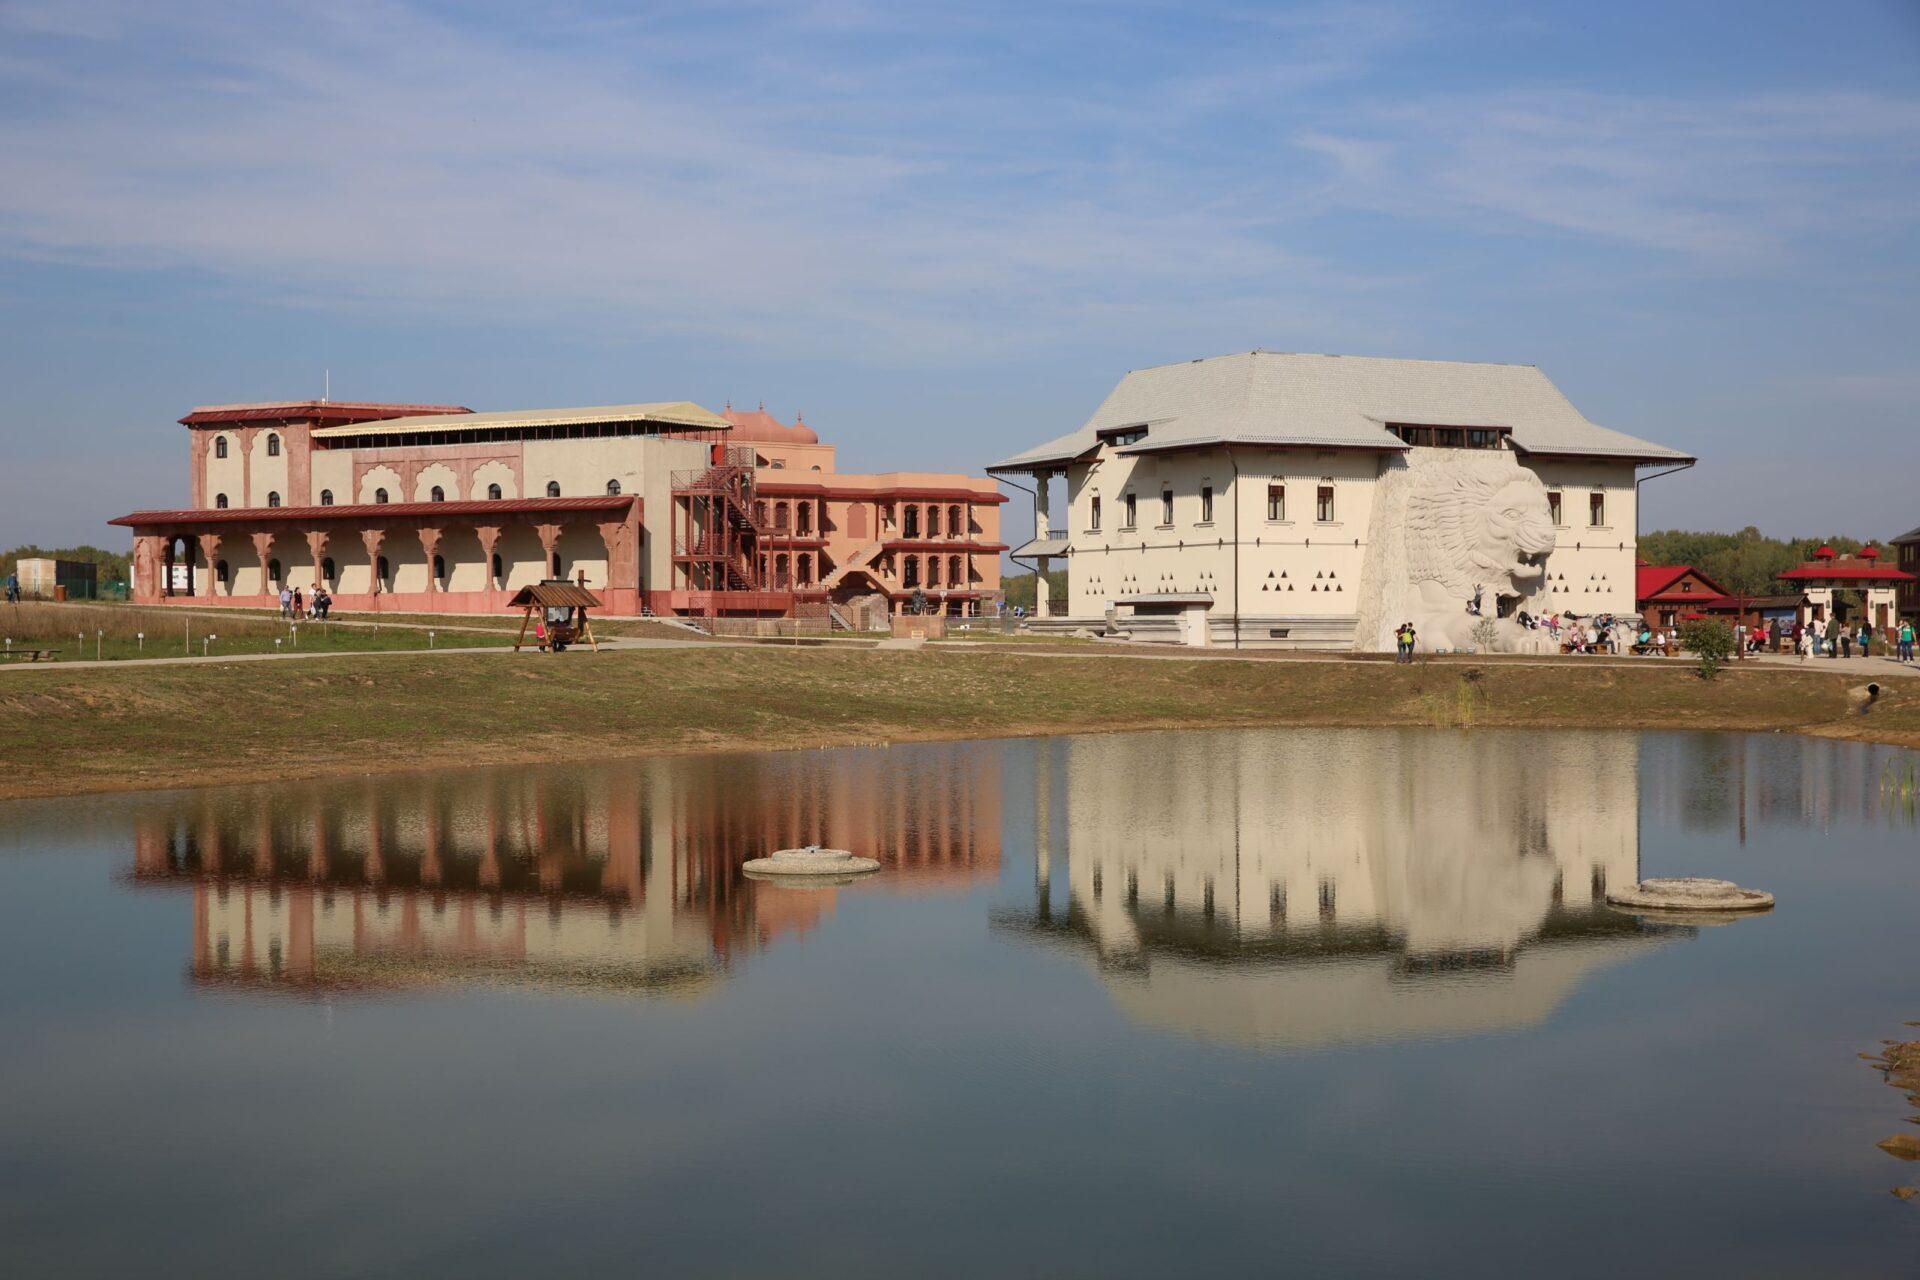 здание, музей этномир калужская область фото начала необходимо было